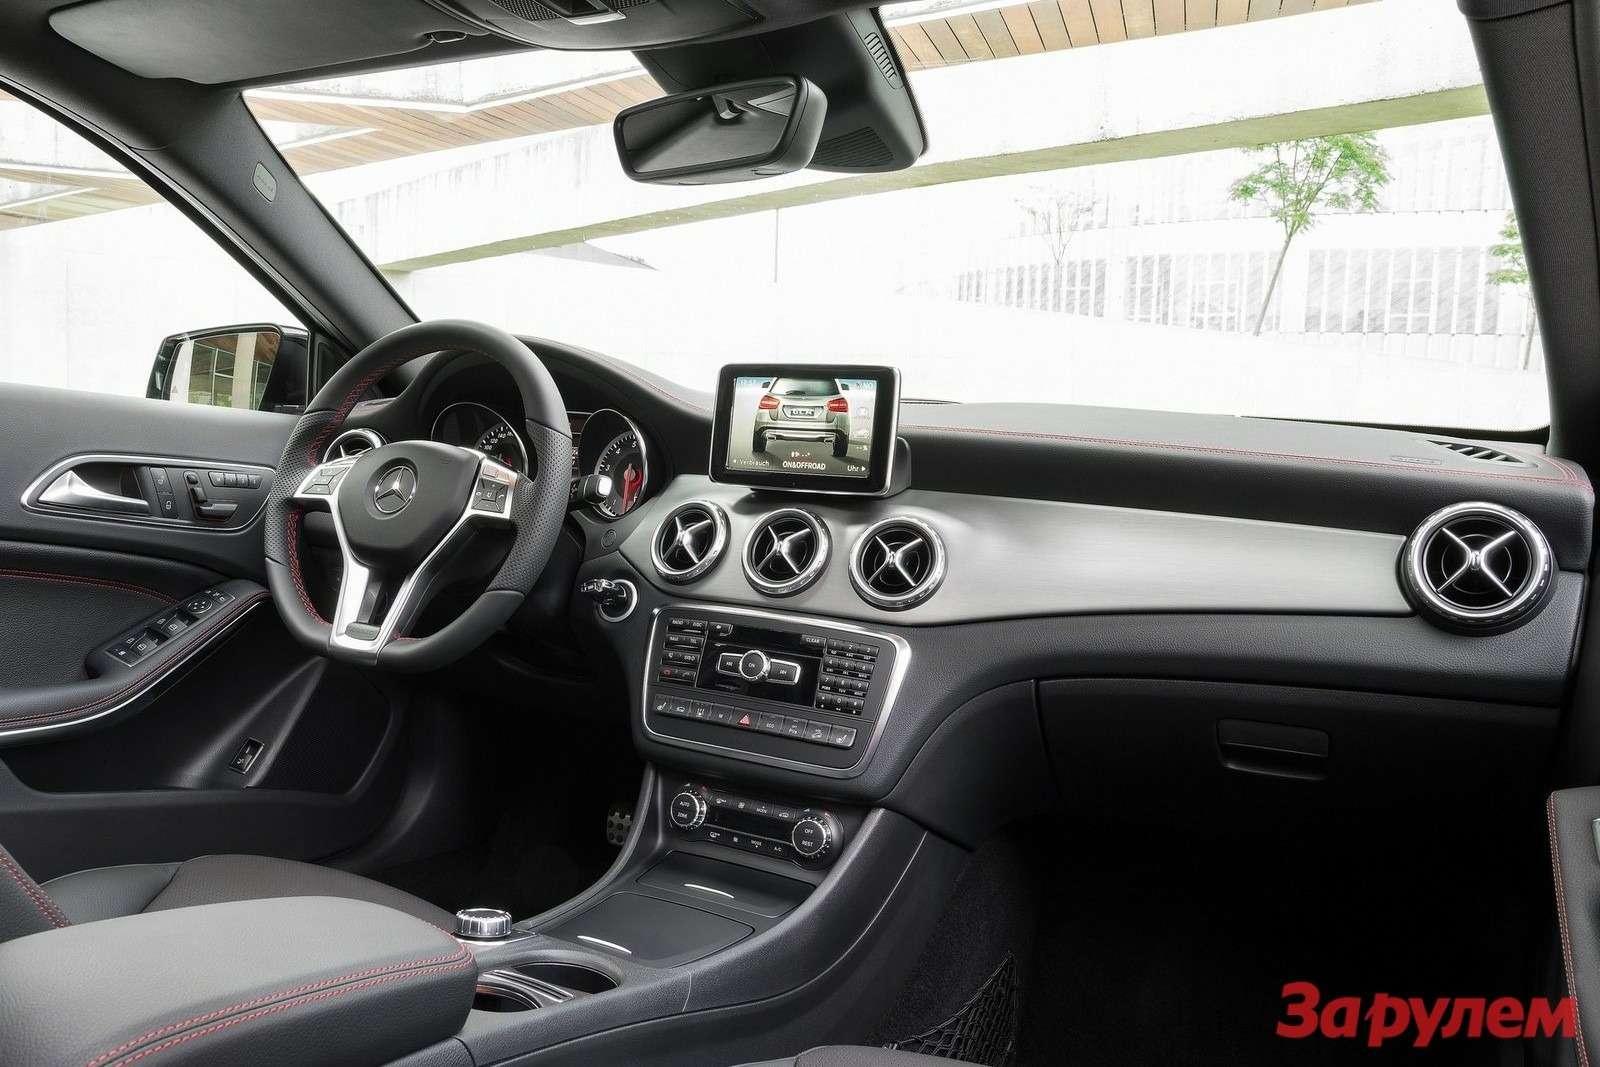 Mercedes Benz GLA Class 2015 1600x1200 wallpaper 25